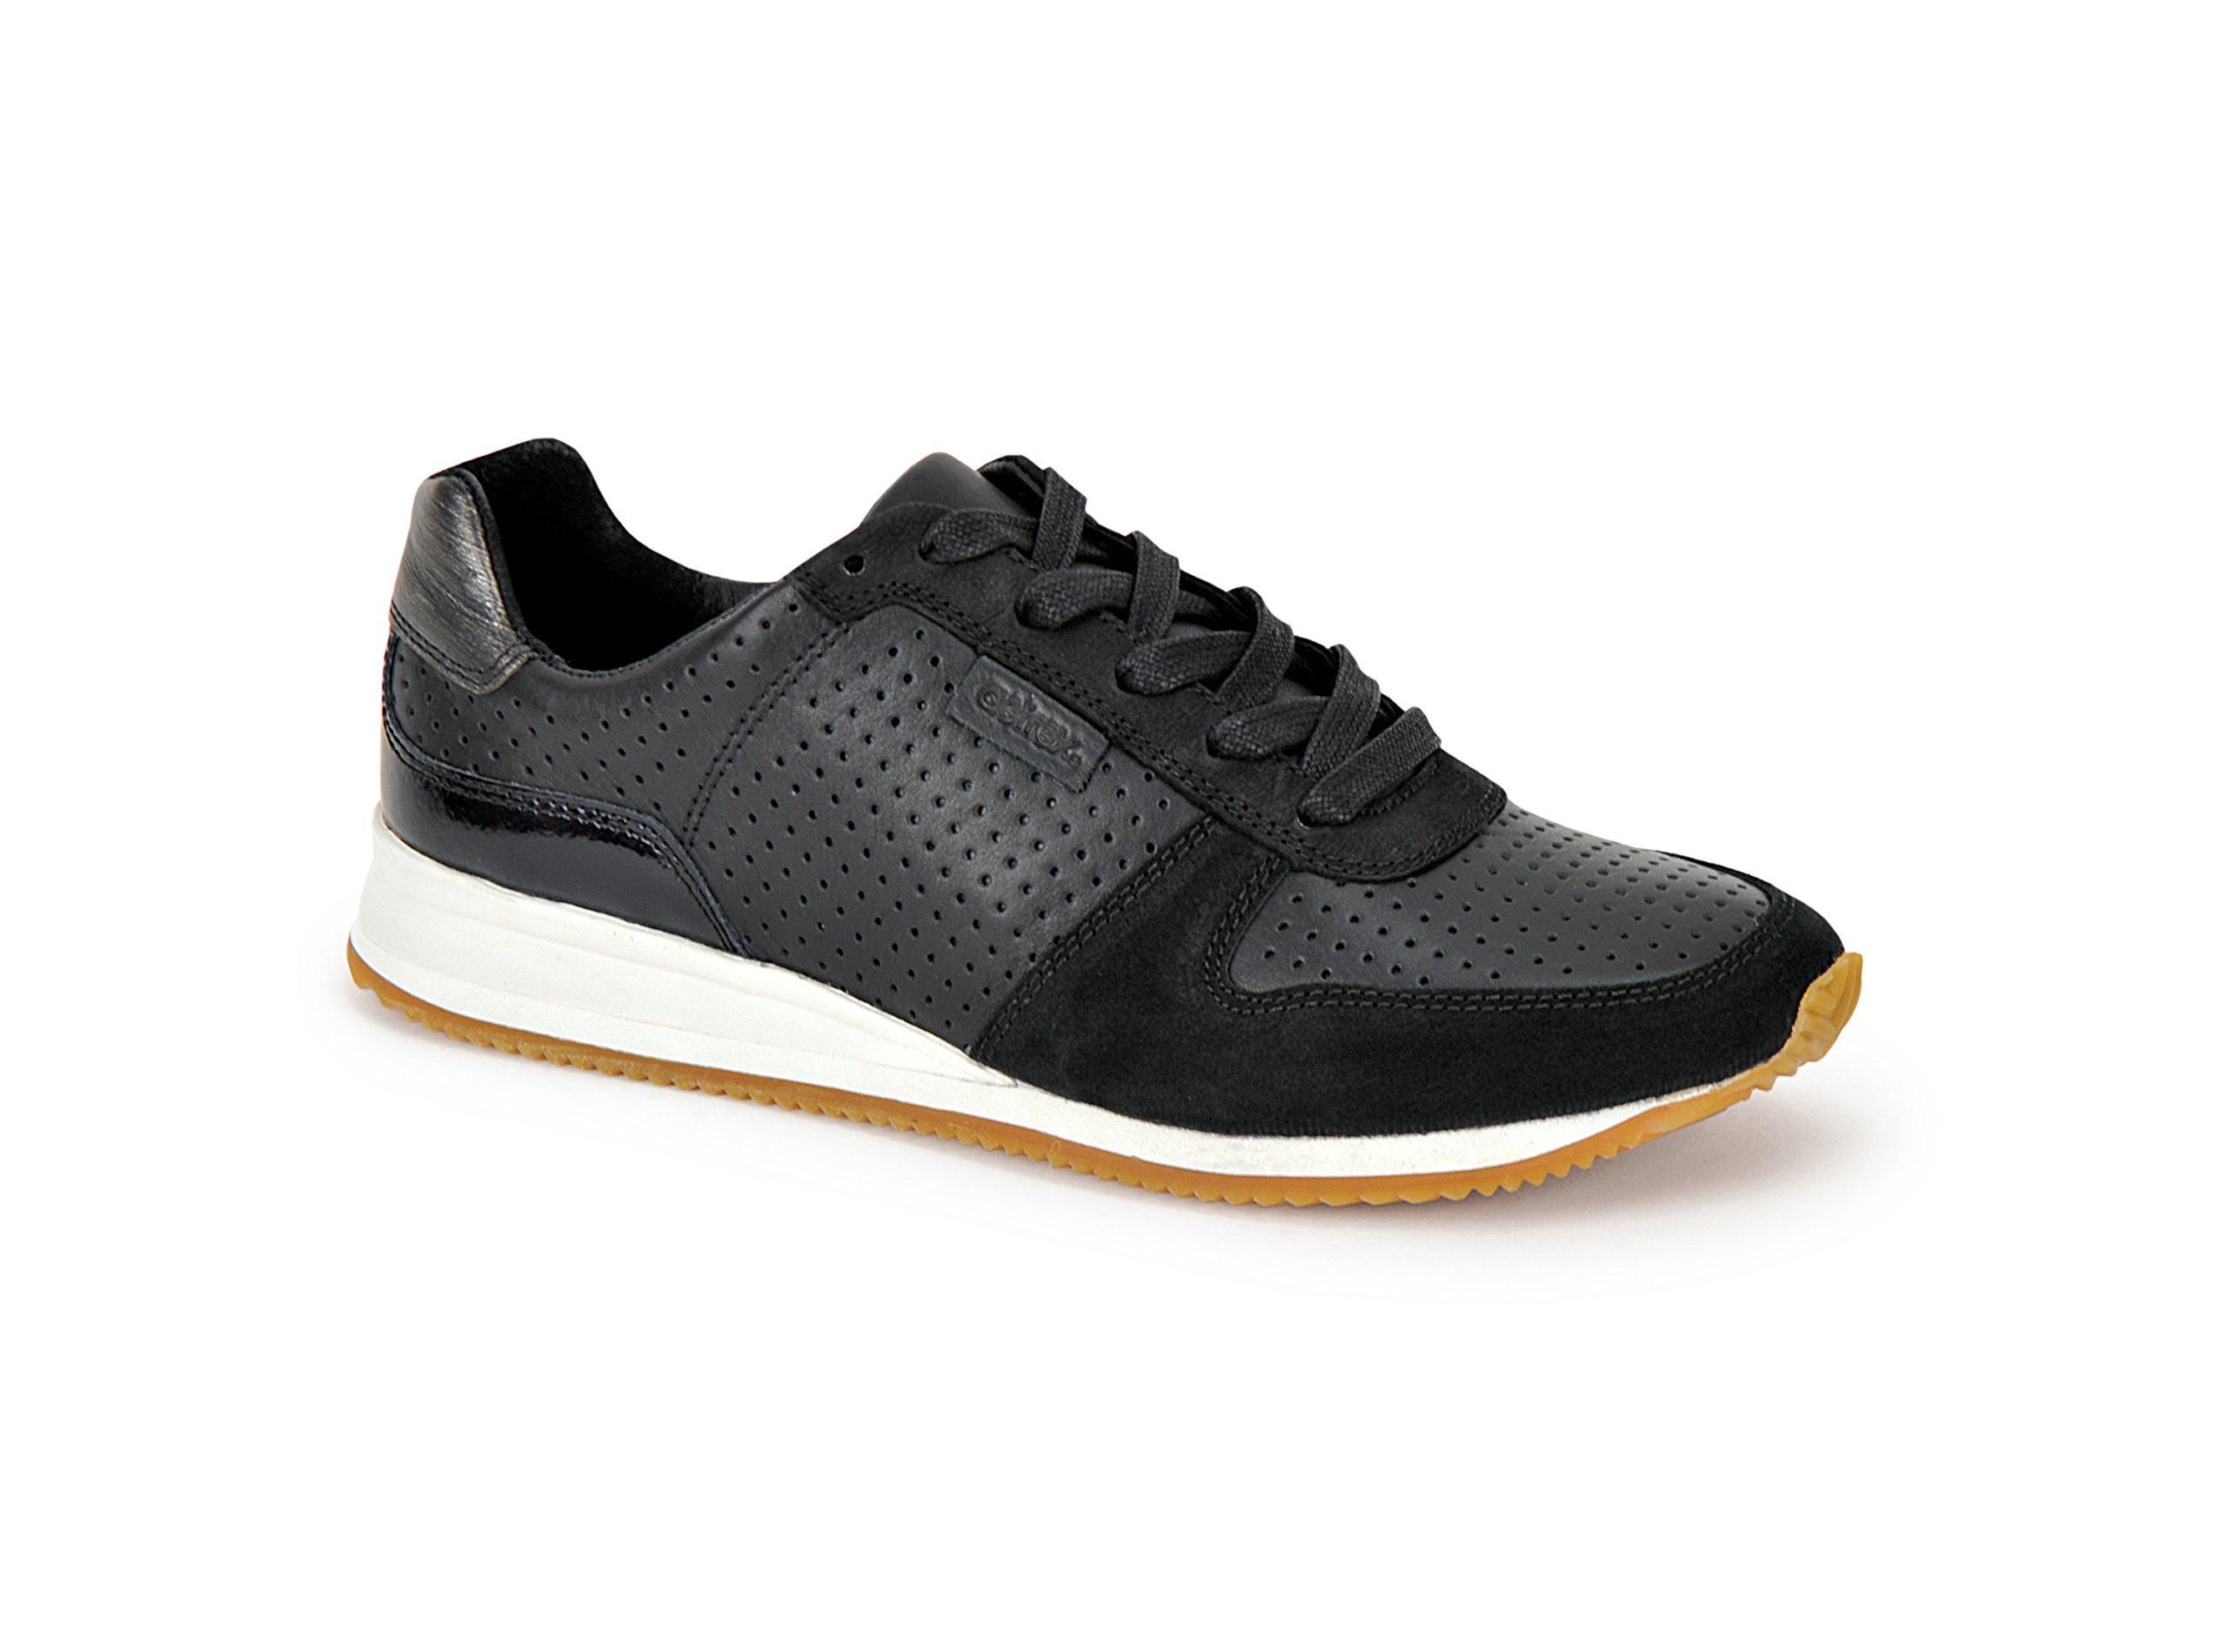 Aetrex Daphne Sneaker, Black Size W38 EU